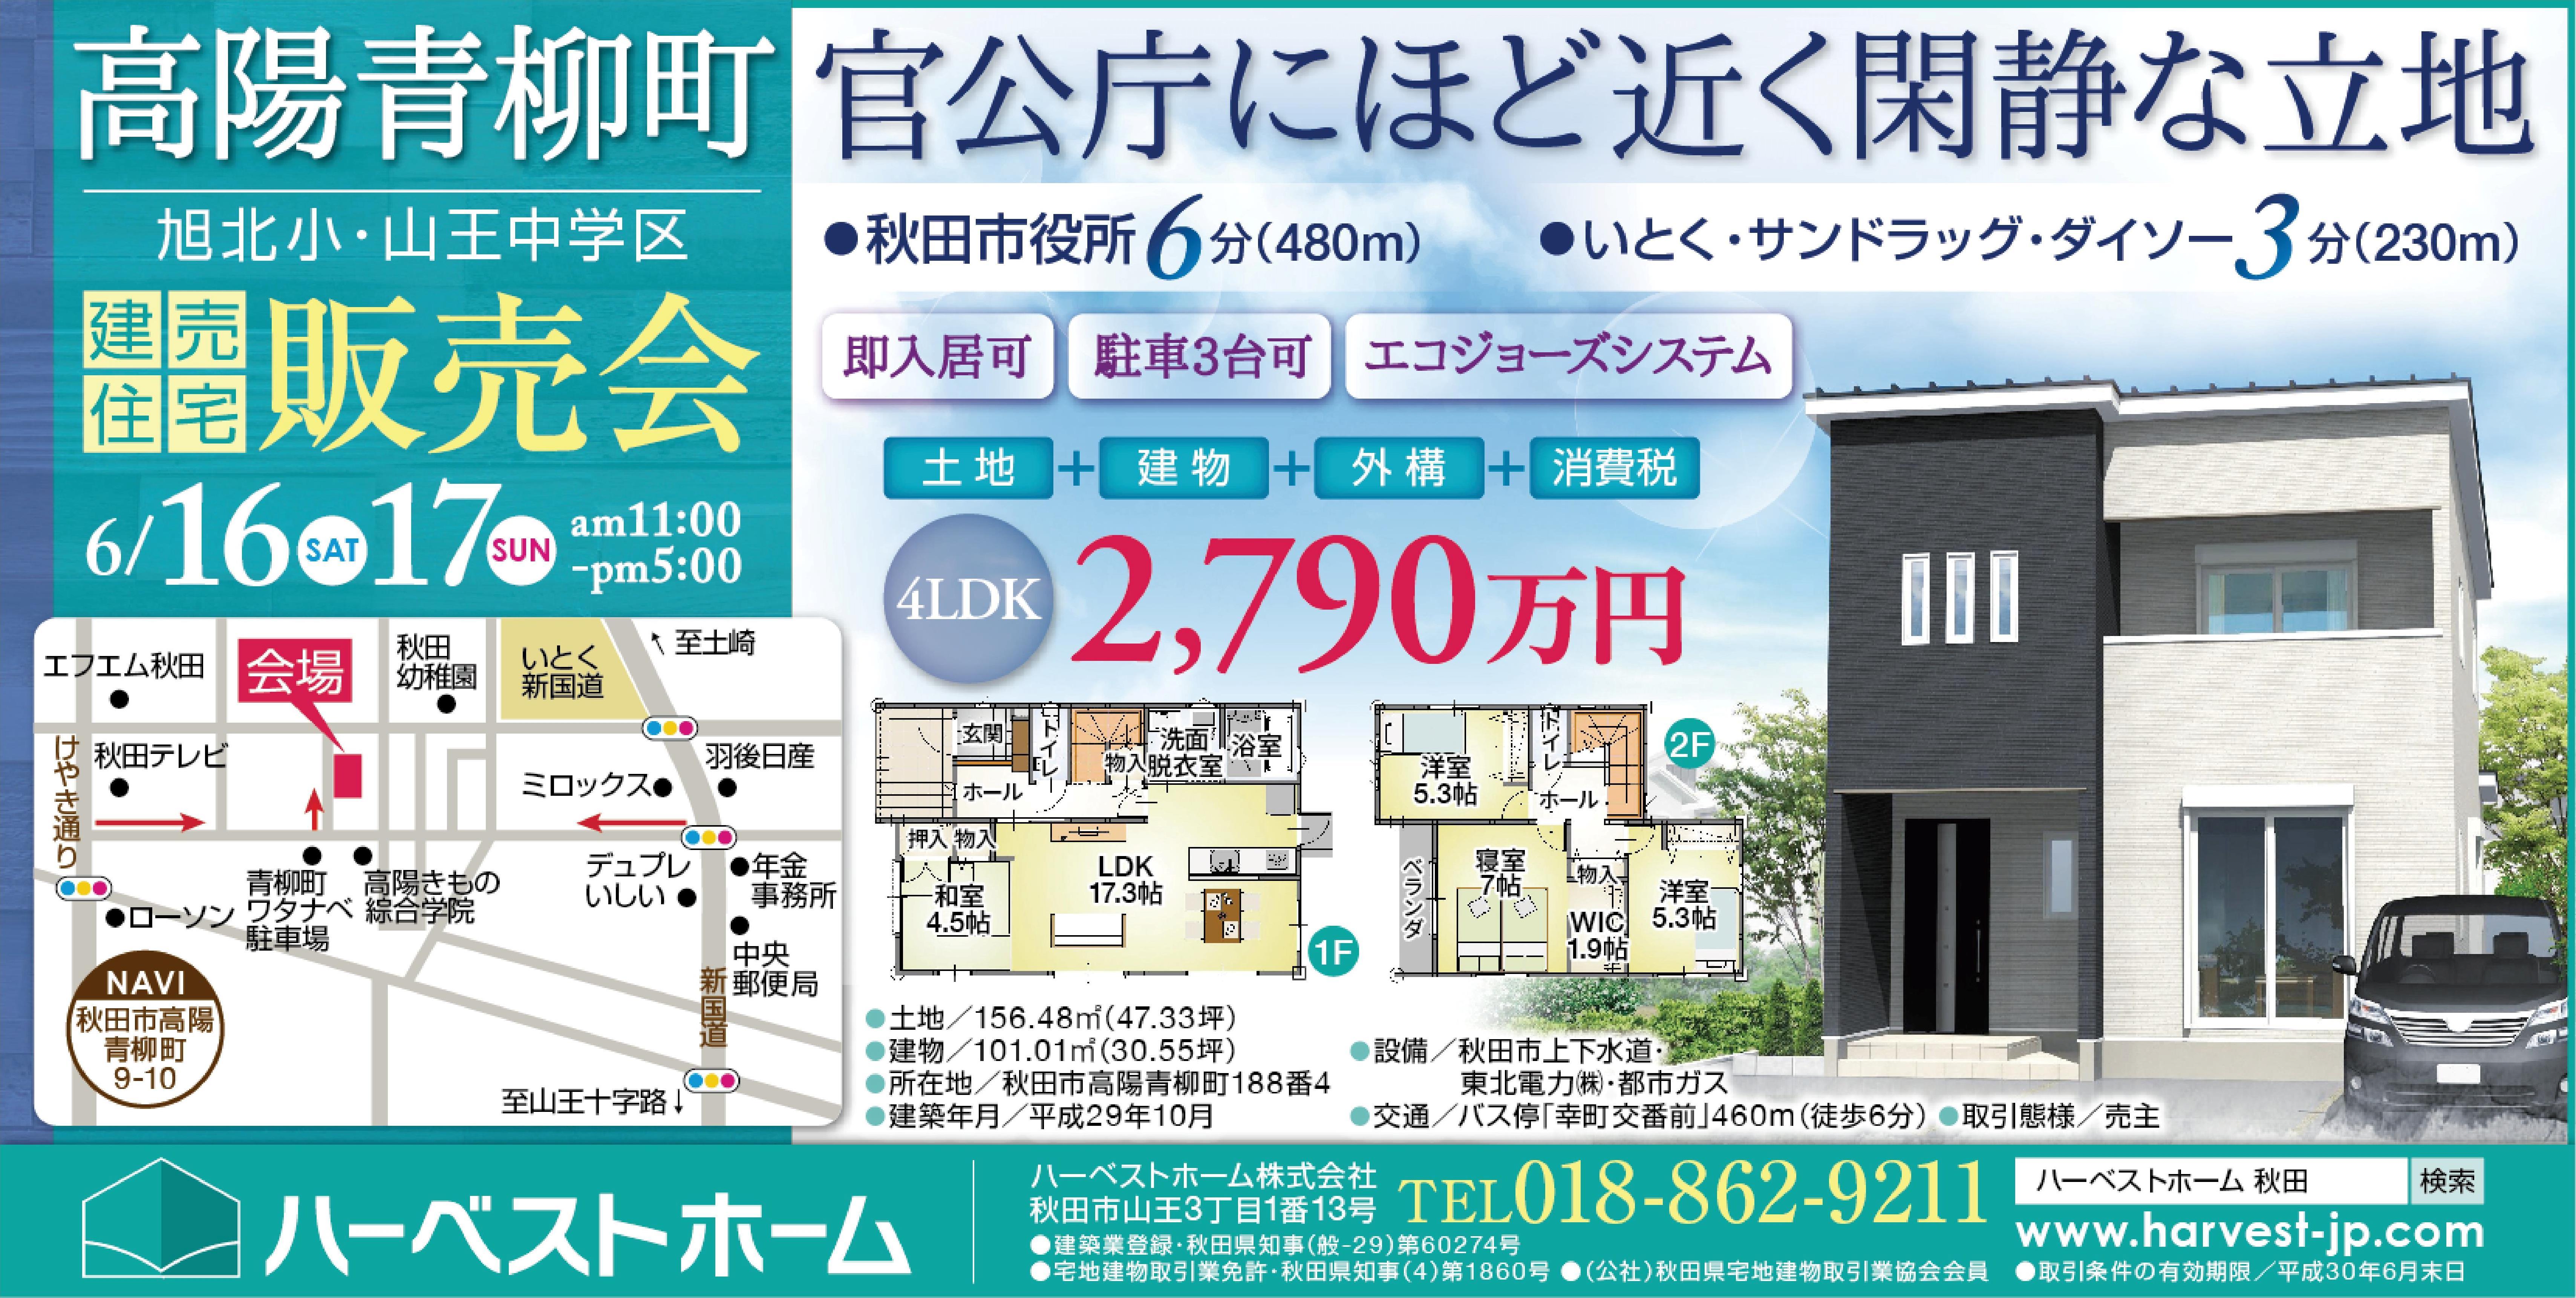 『建売 / モデルハウス』 販売会